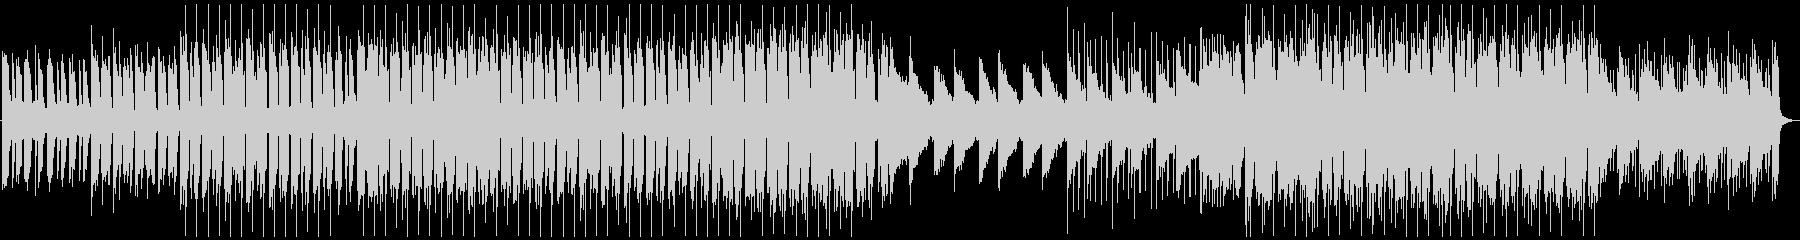 プログレッシブハウス・EDM 02の未再生の波形